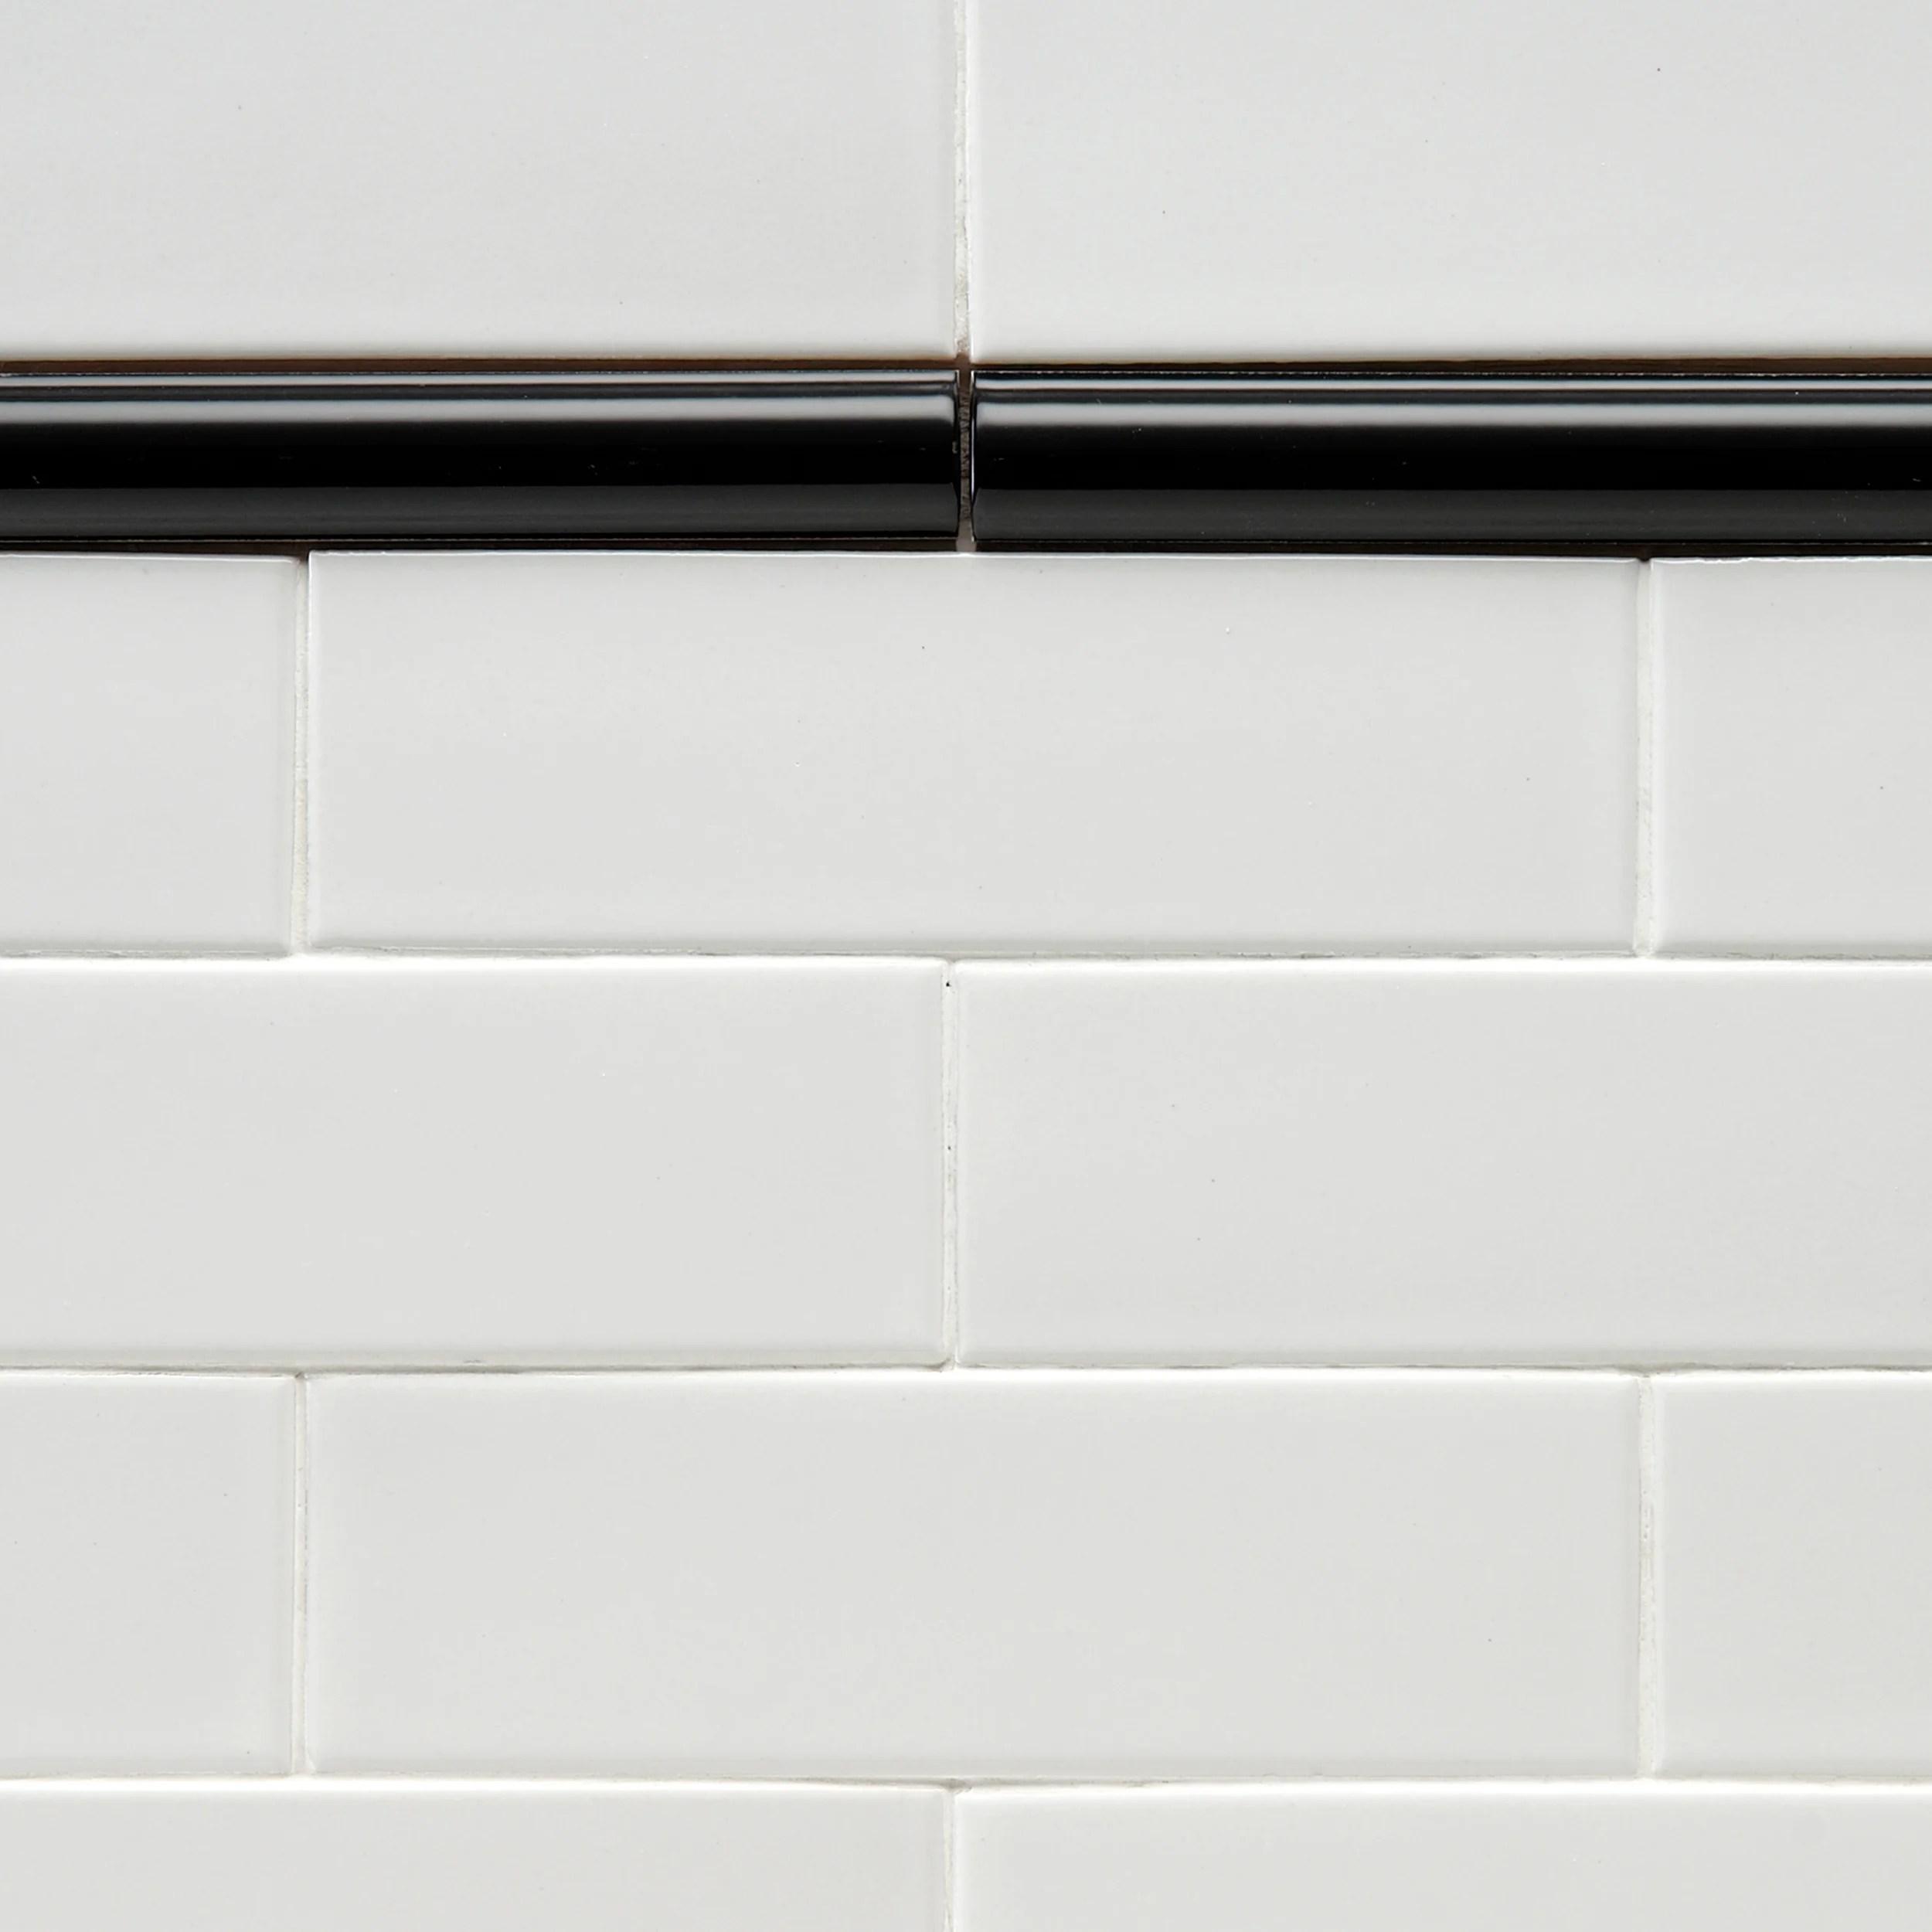 moldura 8 x 1 ceramic pencil tile trim in black